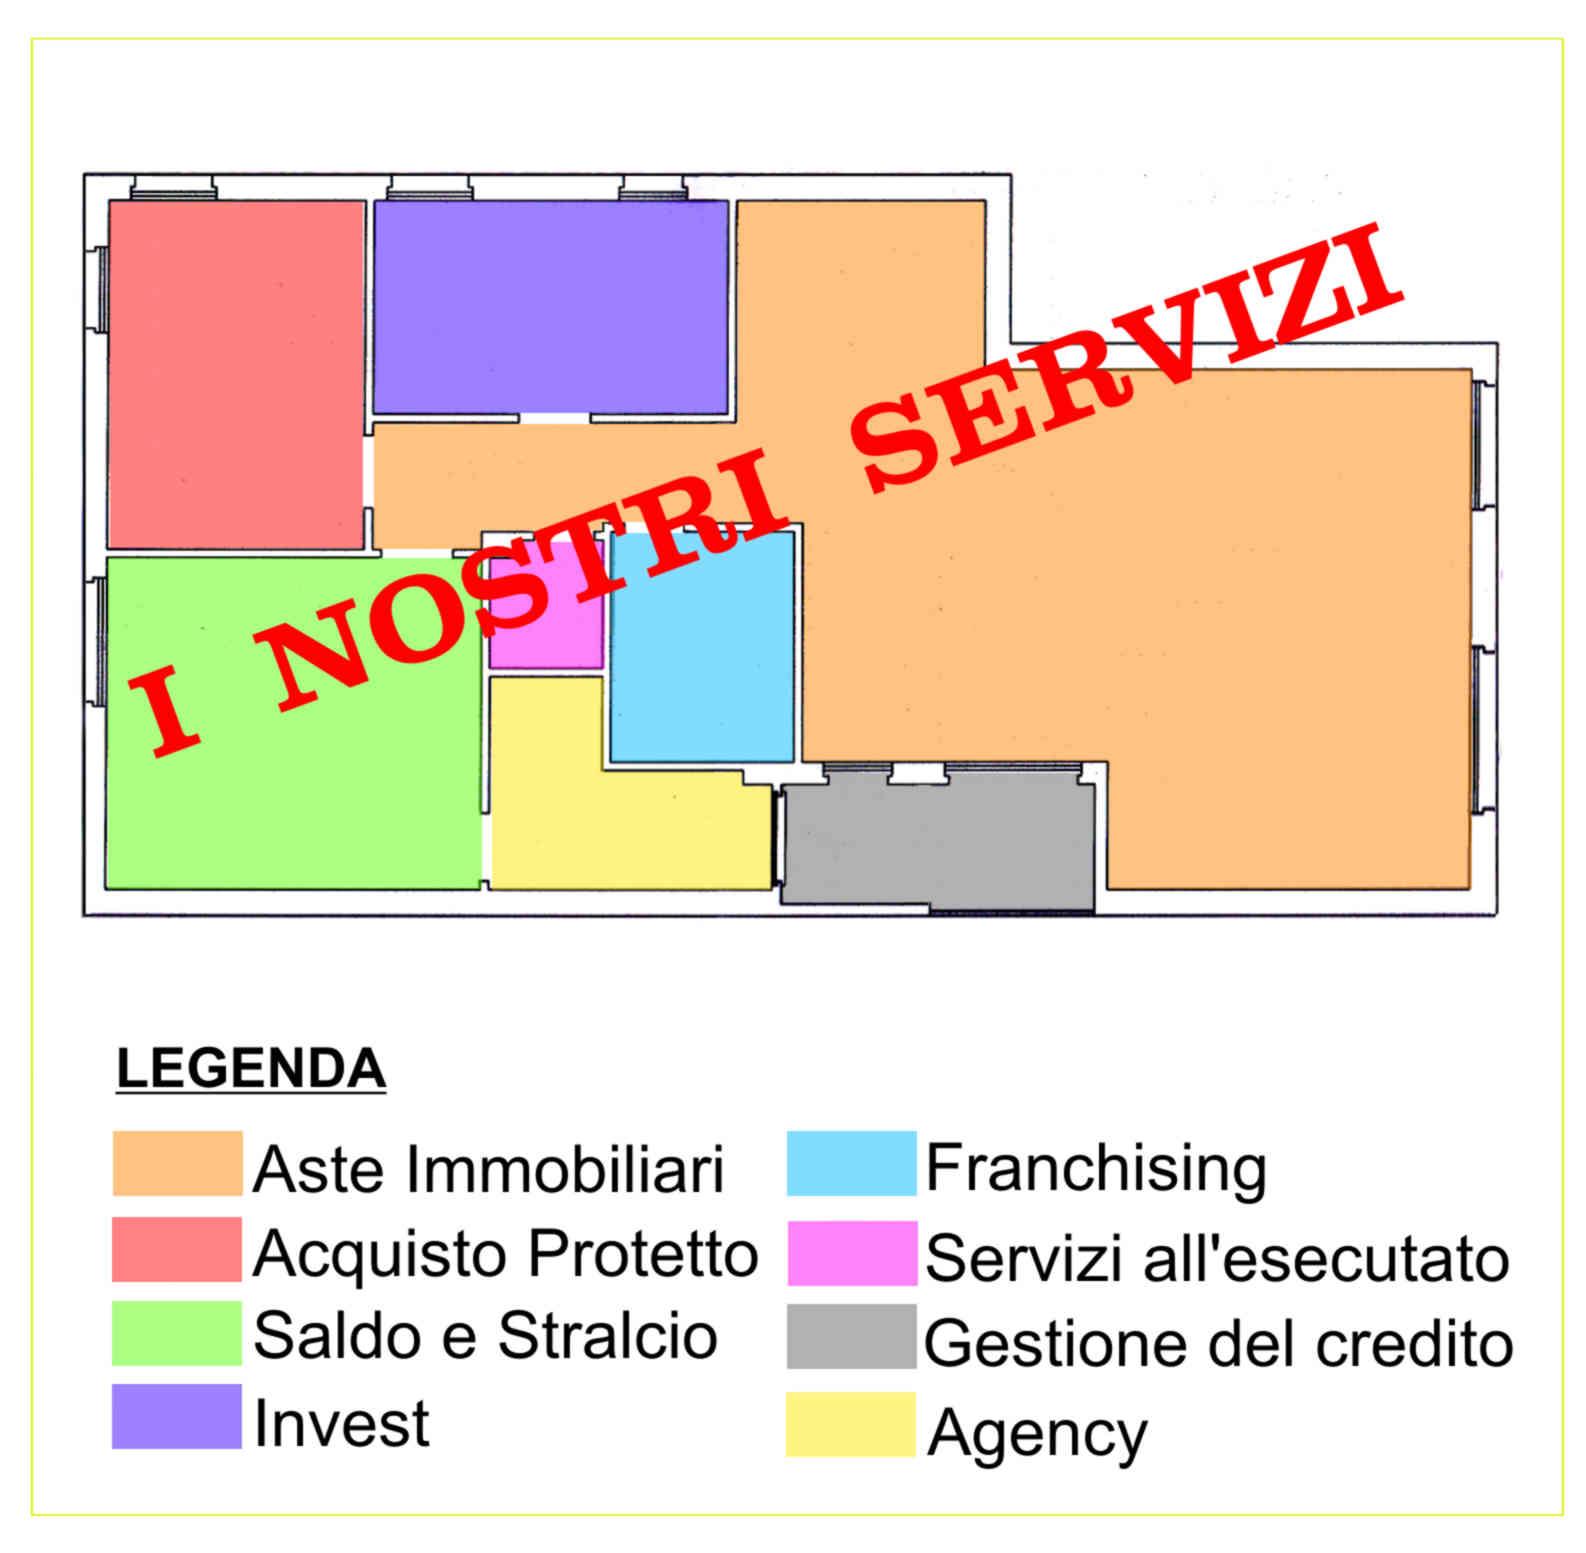 Bilocale Pozzuolo Martesana  Via Collini, 9 6